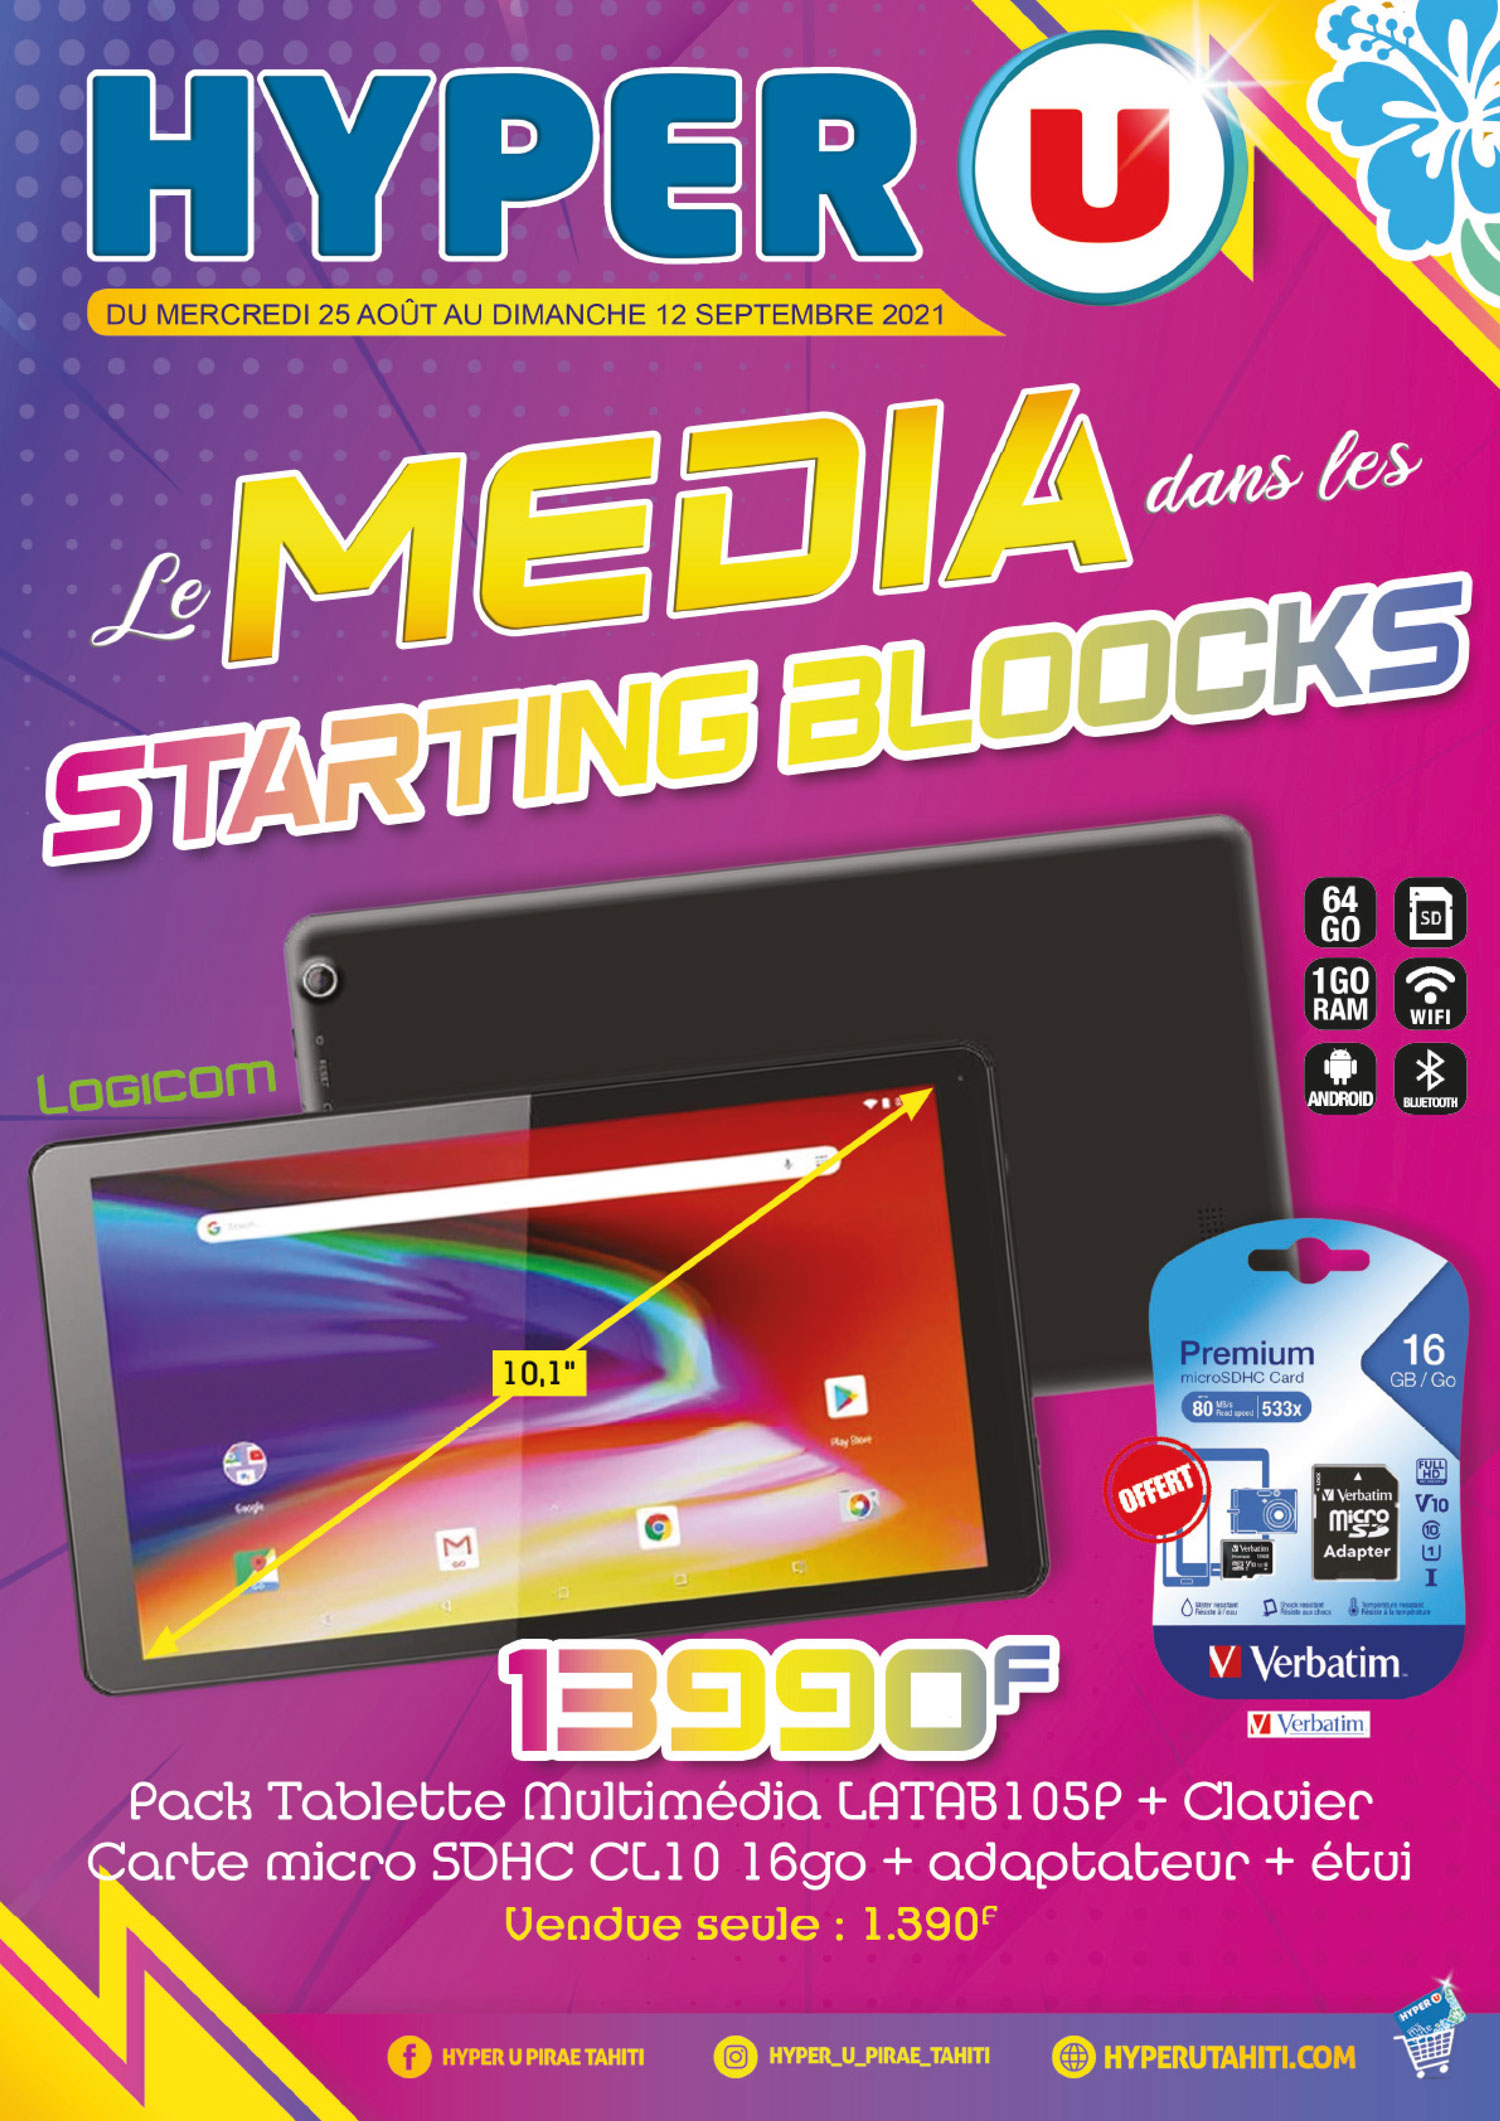 Le Média est dans les starting-blocks chez Hyper U !